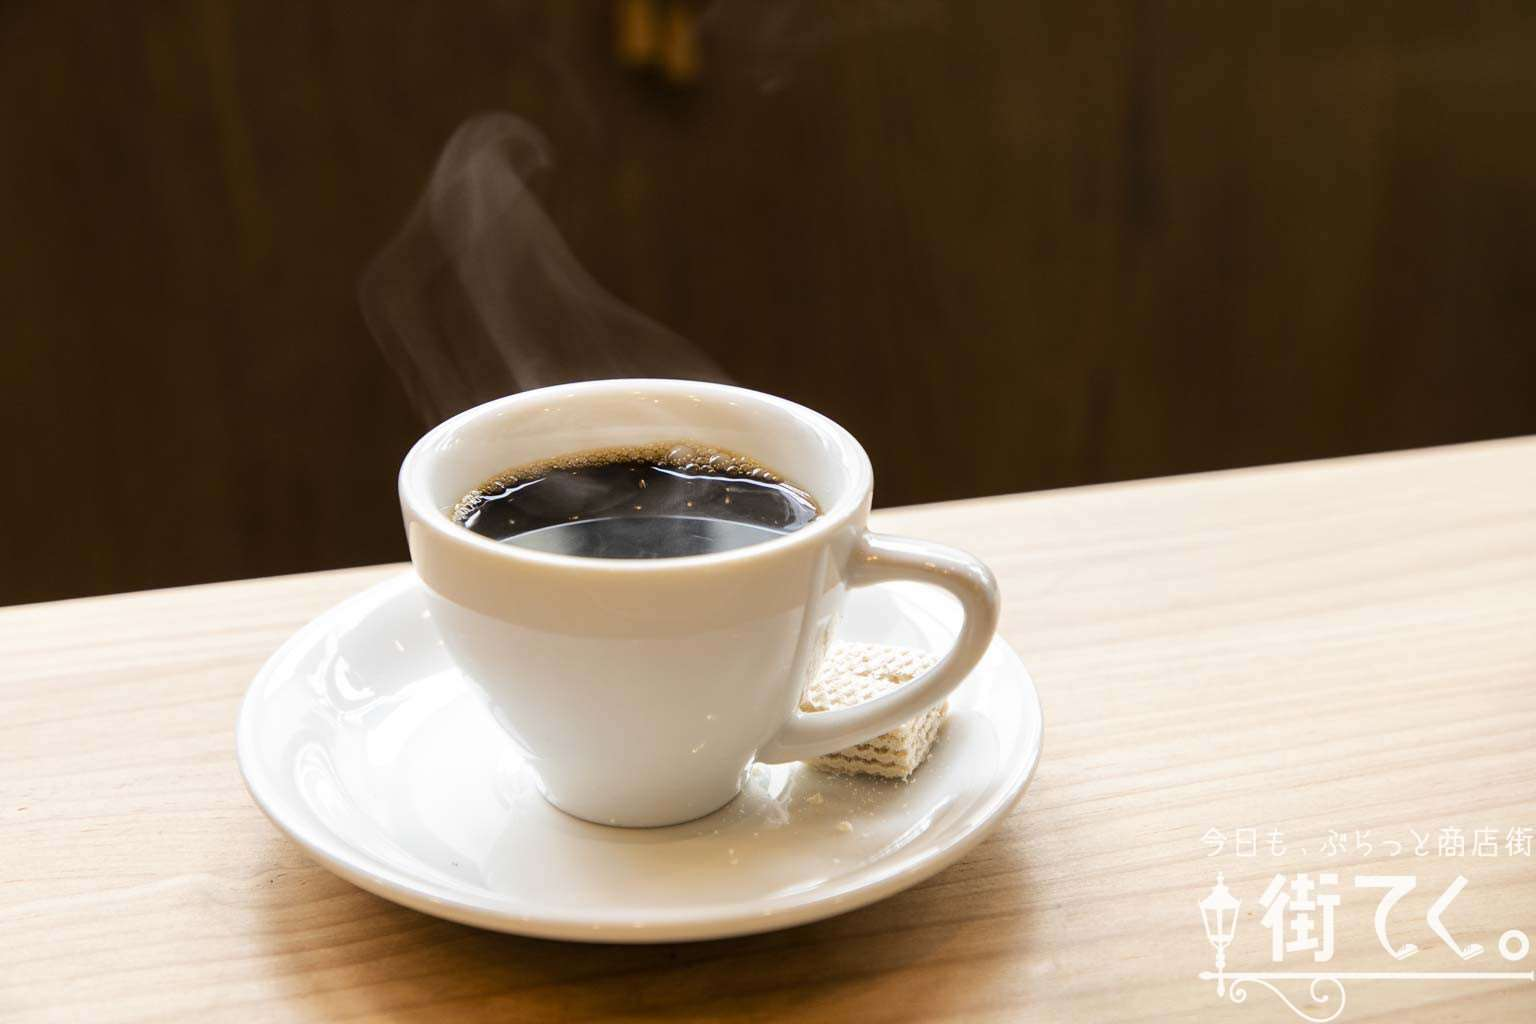 コーヒーロースト ザベスト